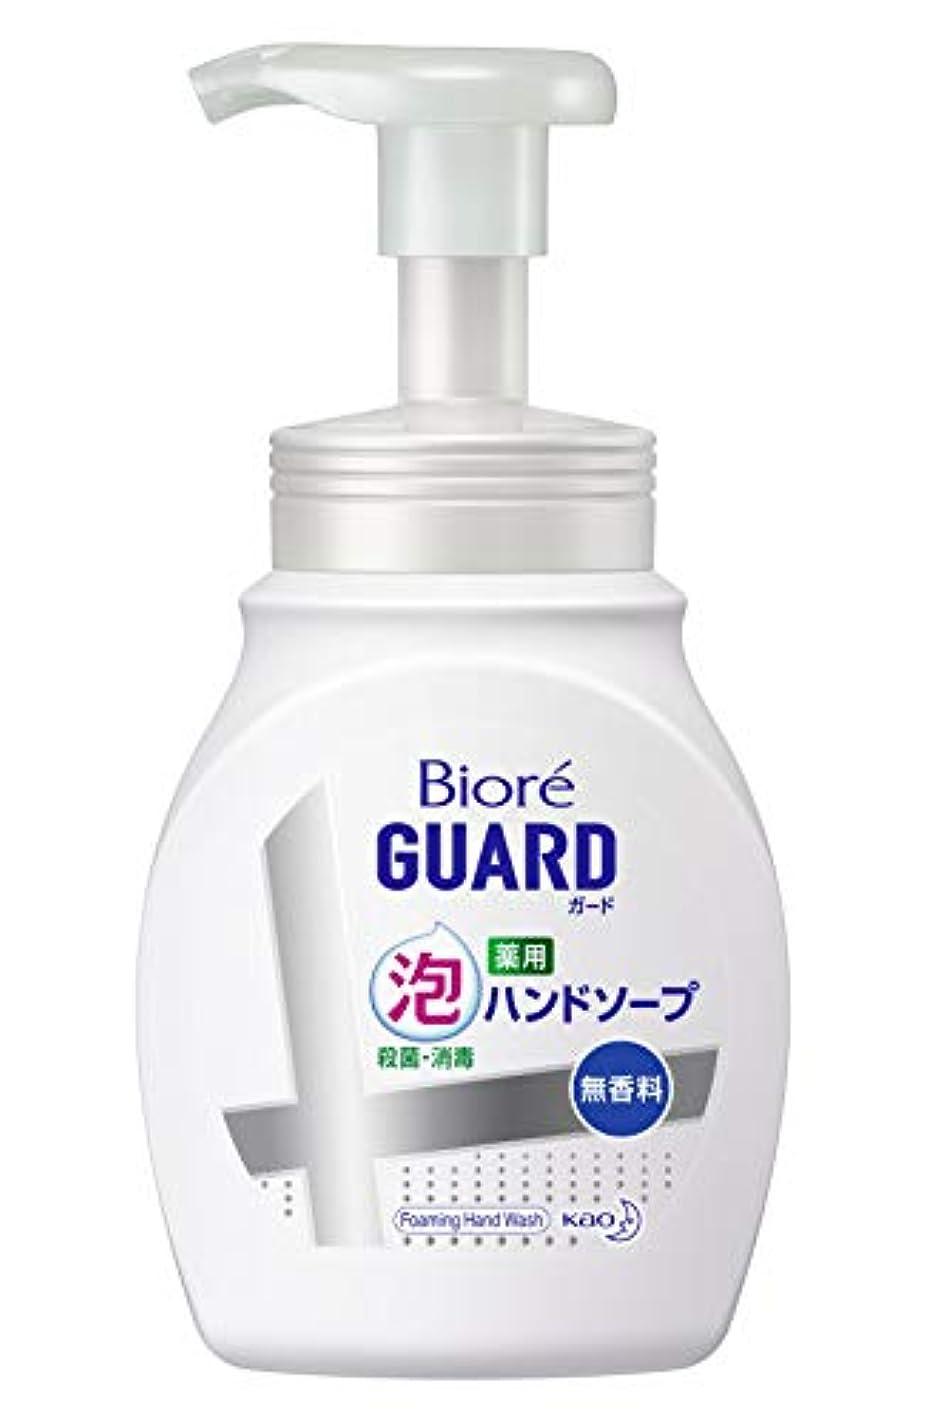 ビオレガード薬用泡ハンドソープ 無香料 ポンプ 250ml